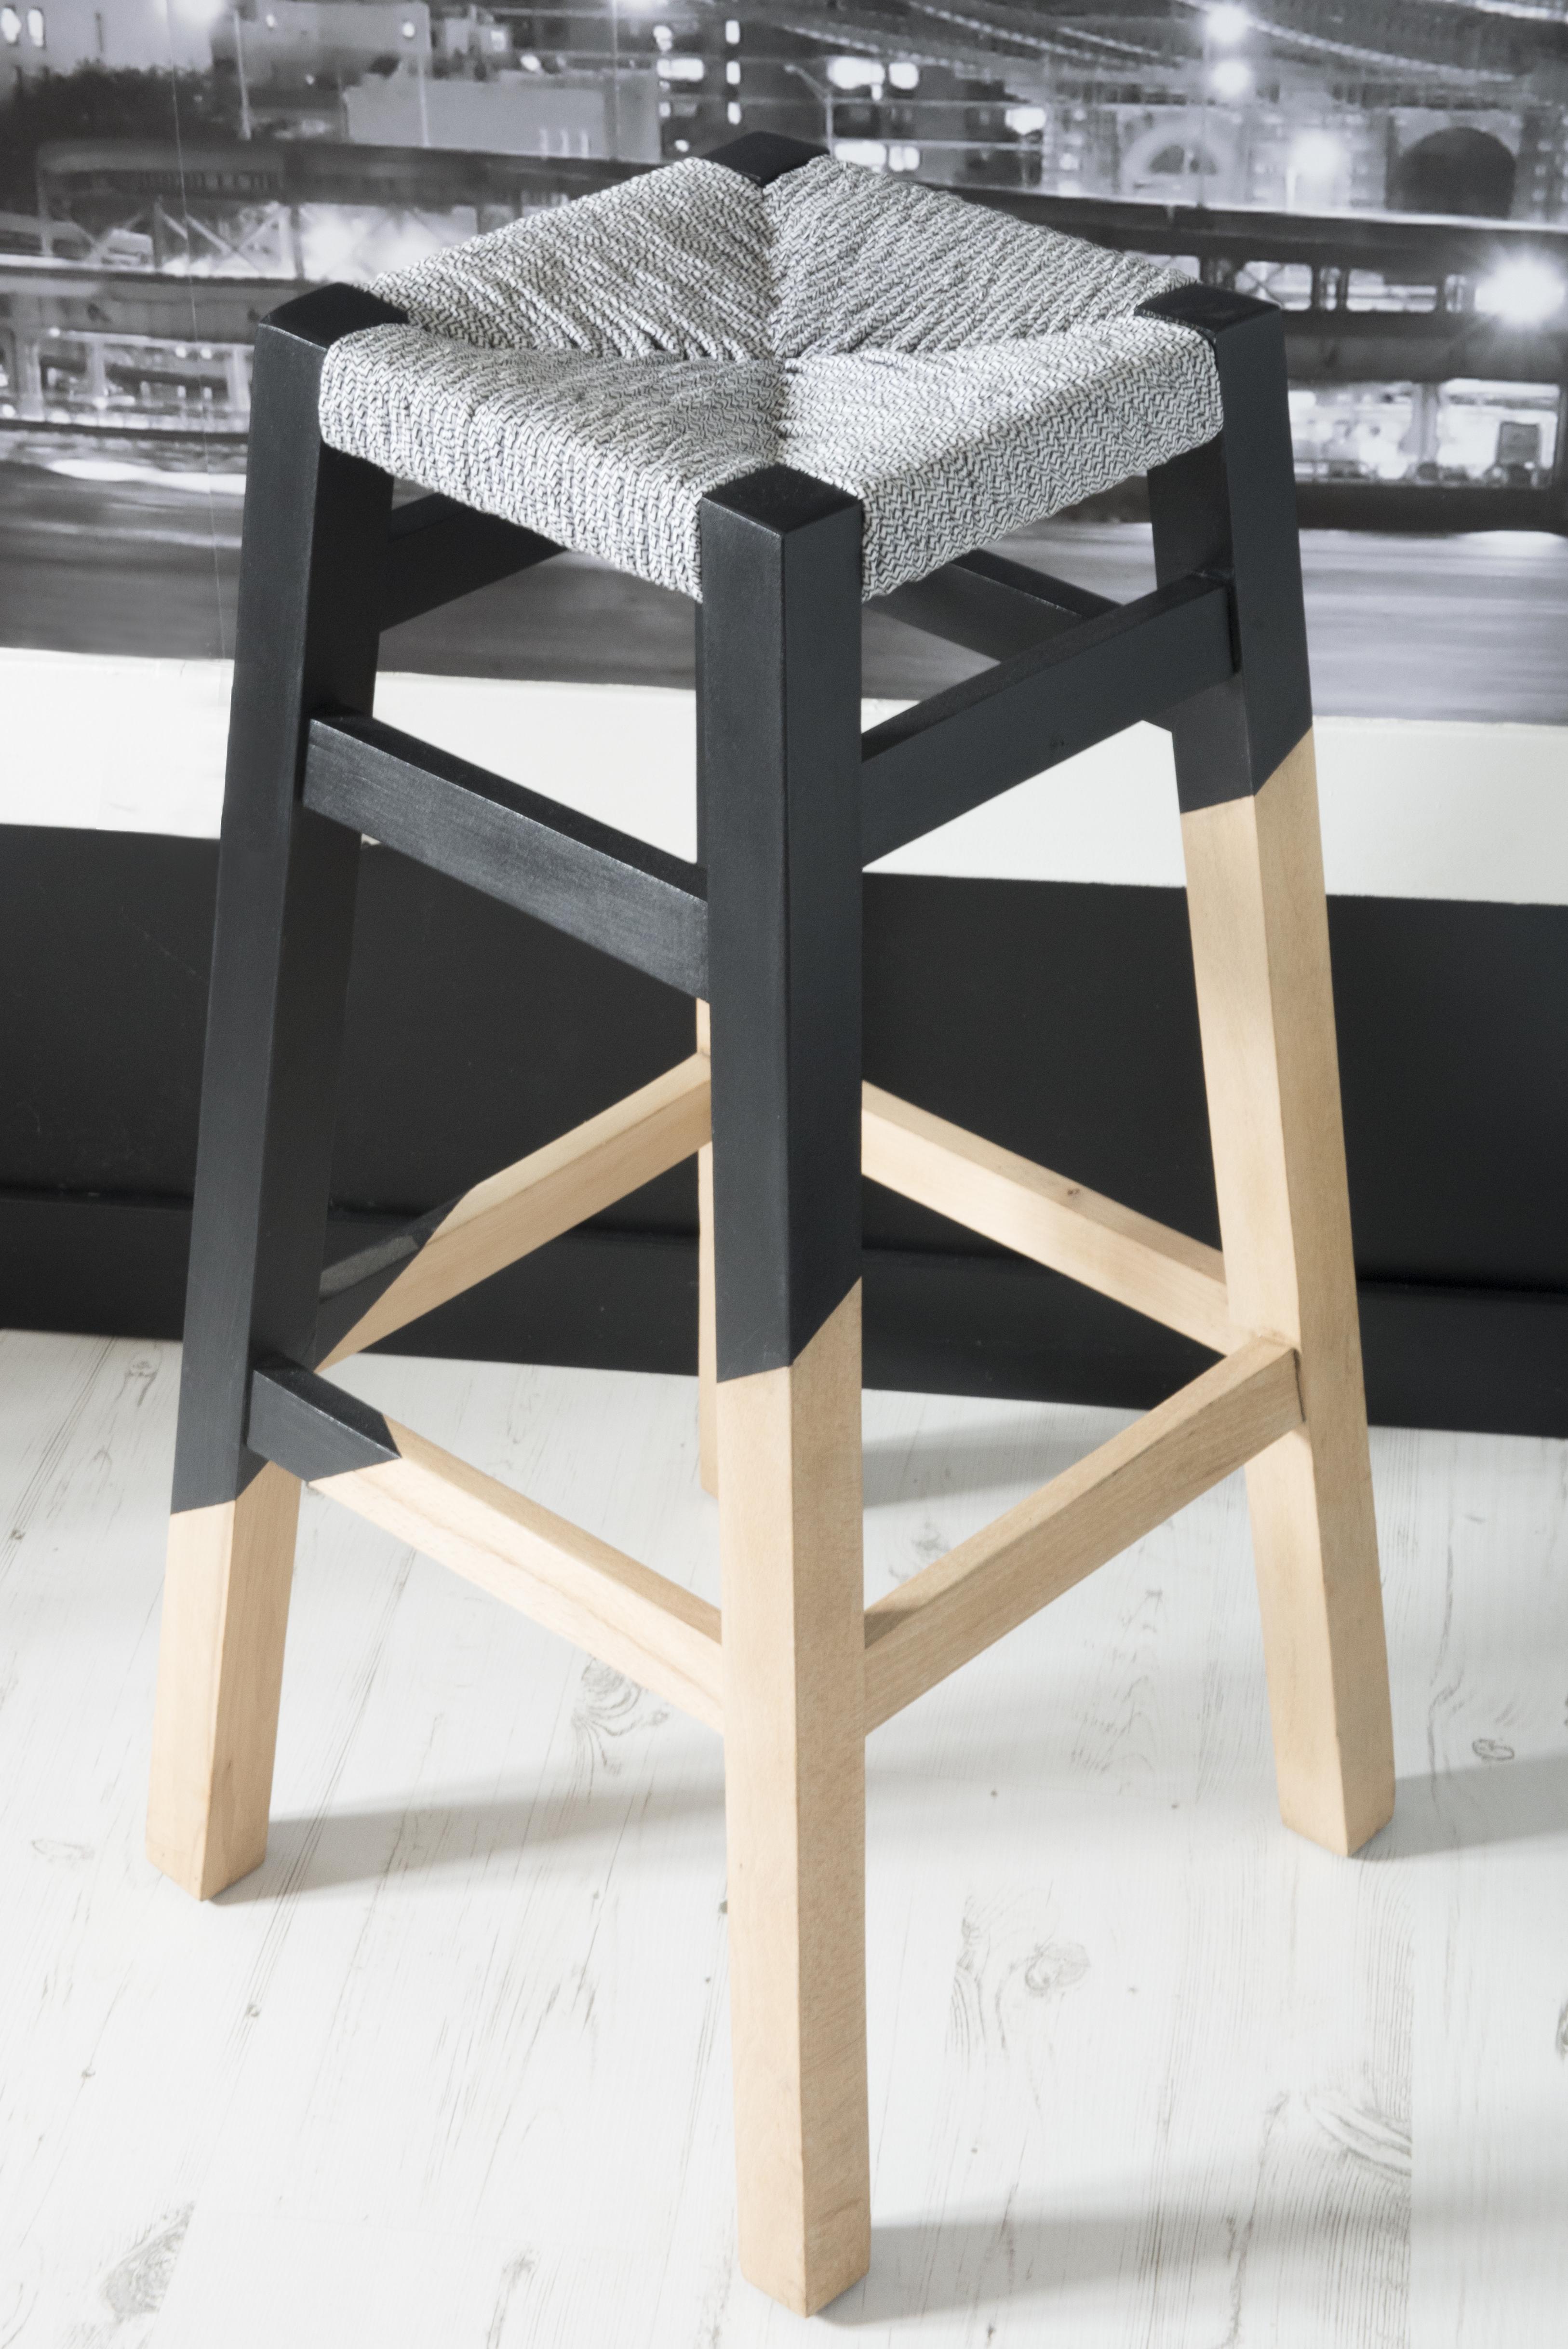 wood is folies tabouret geometrique rempaillage en torons de tissus peinture assymetrique noir finition cirée canteleu rouen normandie